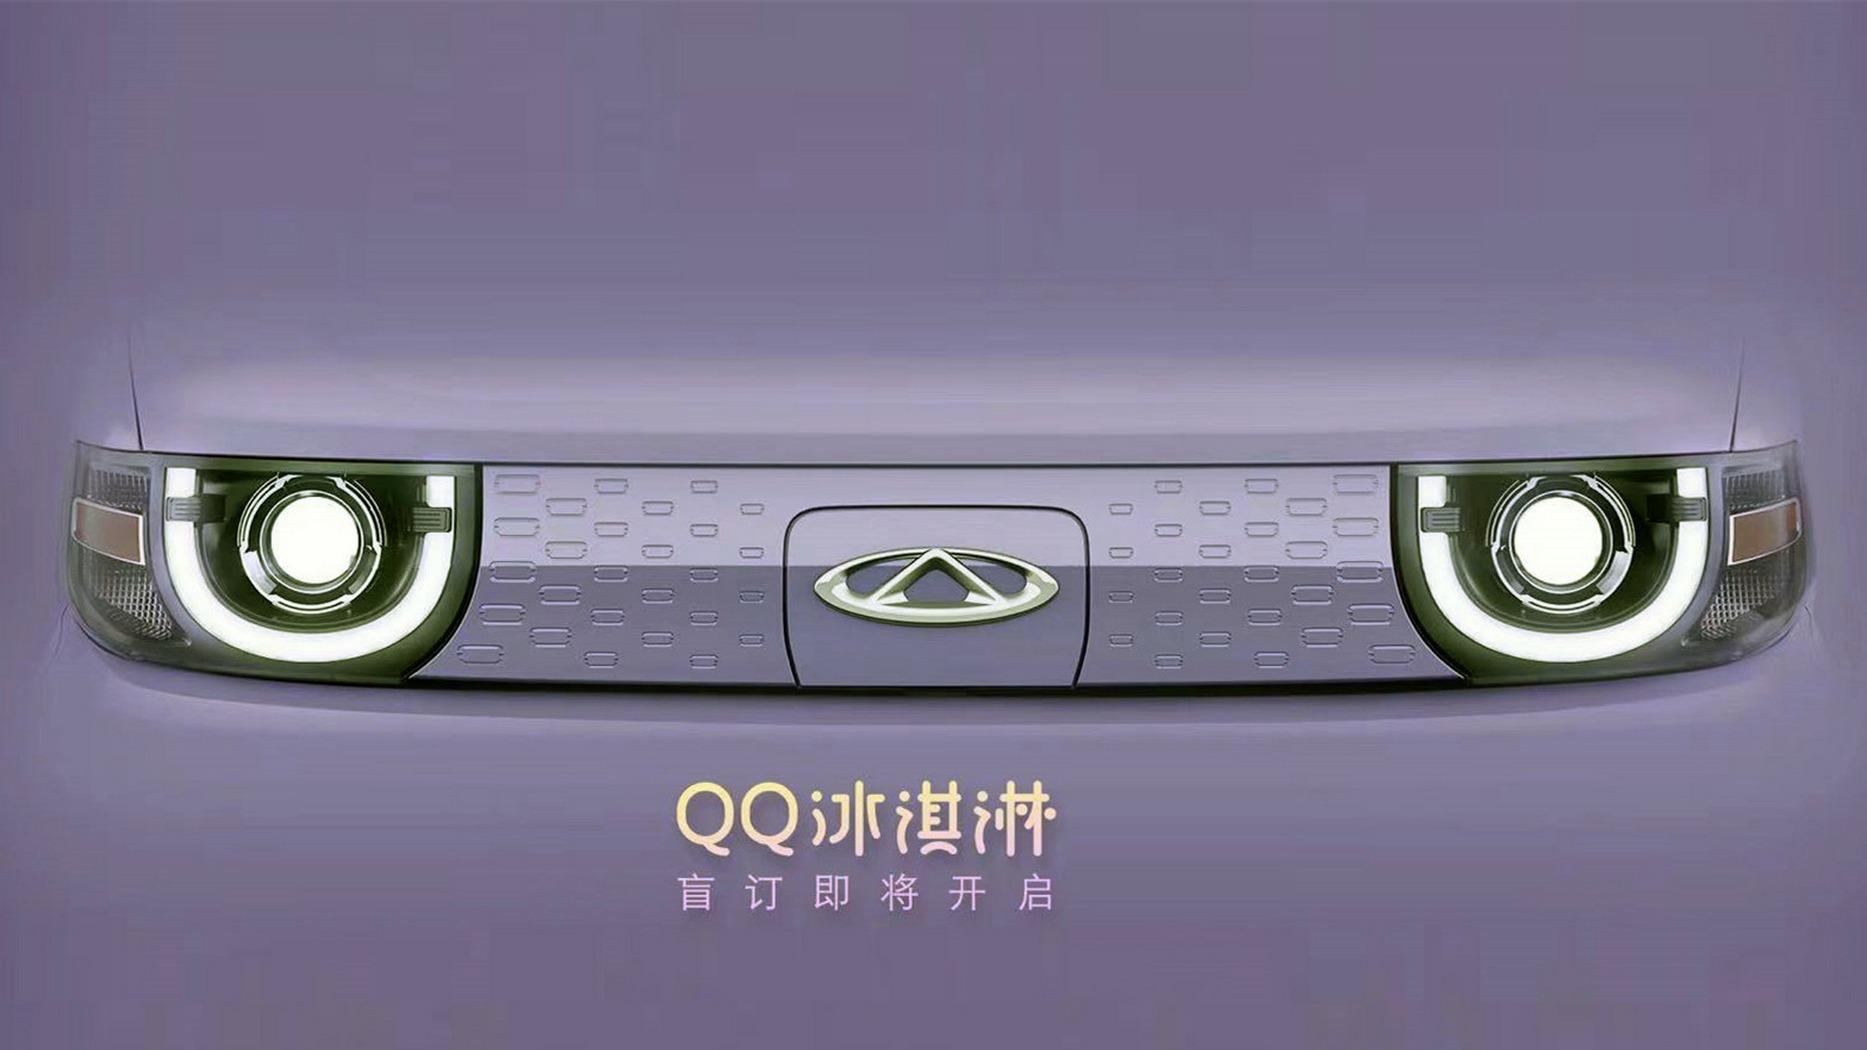 Chery поделилась первыми тизерами своей будущей новинки – QQ Ice Cream. Автомобиль представляет собой небольшой электрический хетчбэк, который будет конкурировать с Wuling Hongguang Mini EV (на видео) – одним из самых популярных «батарейных» компактов в Китае.